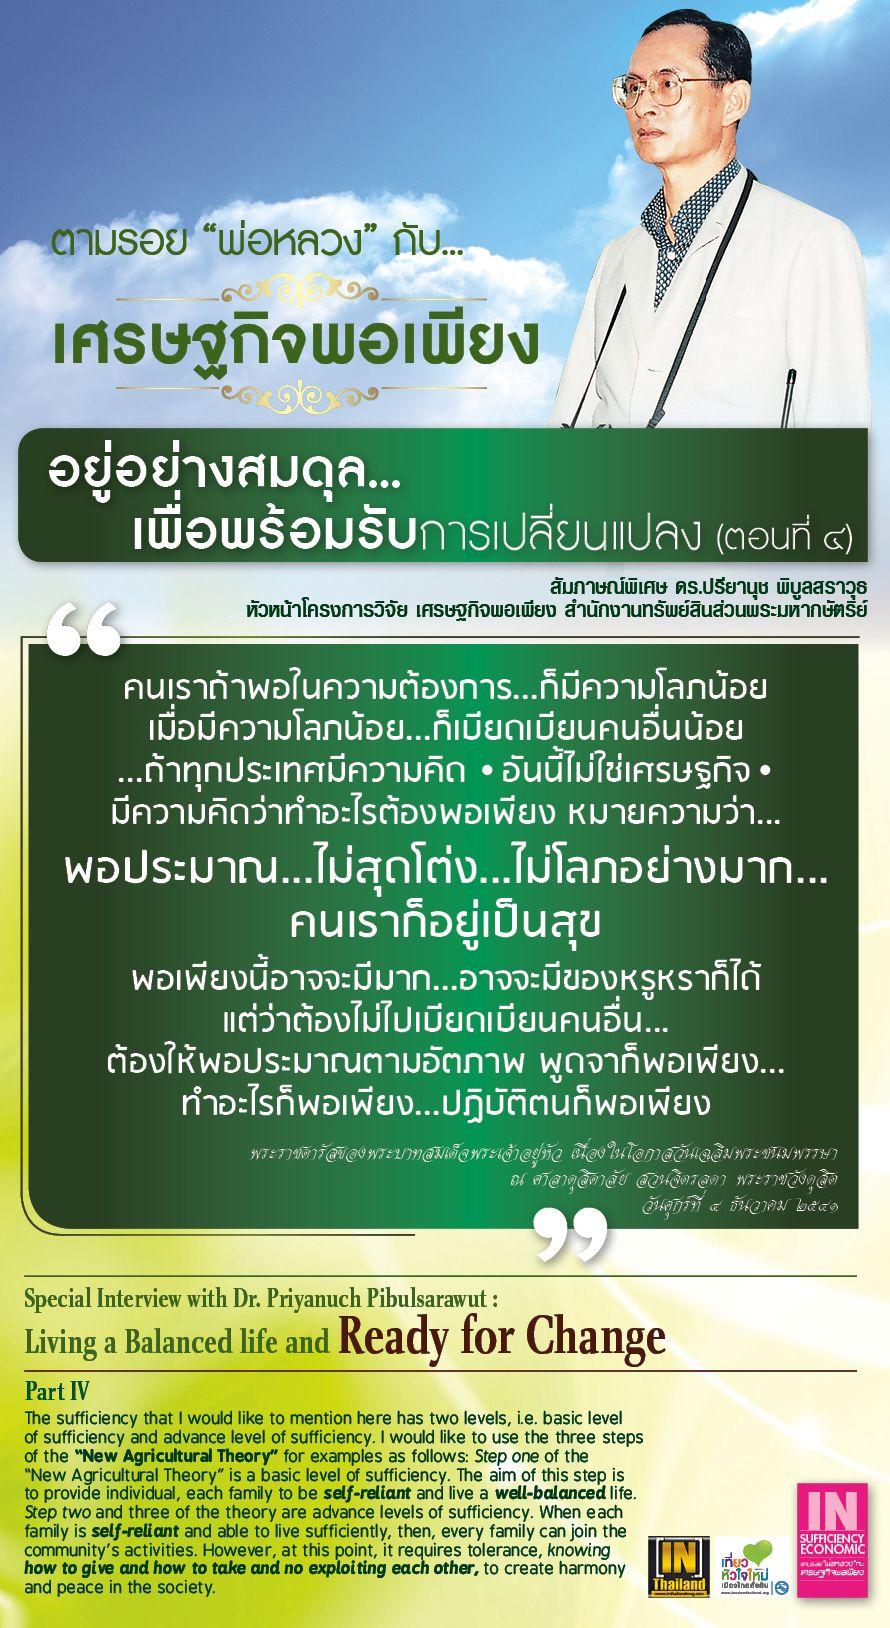 ตามรอยพ่อหลวงกับเศรษฐกิจพอเพียง อยู่อย่างสมดุลเพื่อพร้อมรับการเปลี่ยนแปลง ตอนที๔ Special Interview with Dr. Priyanuch Pibulsarawut:  Living a Balanced life and Ready for Change  Part III http://www.oknation.net/blog/TravelCulturesinThailandMag/2013/10/19/entry-1